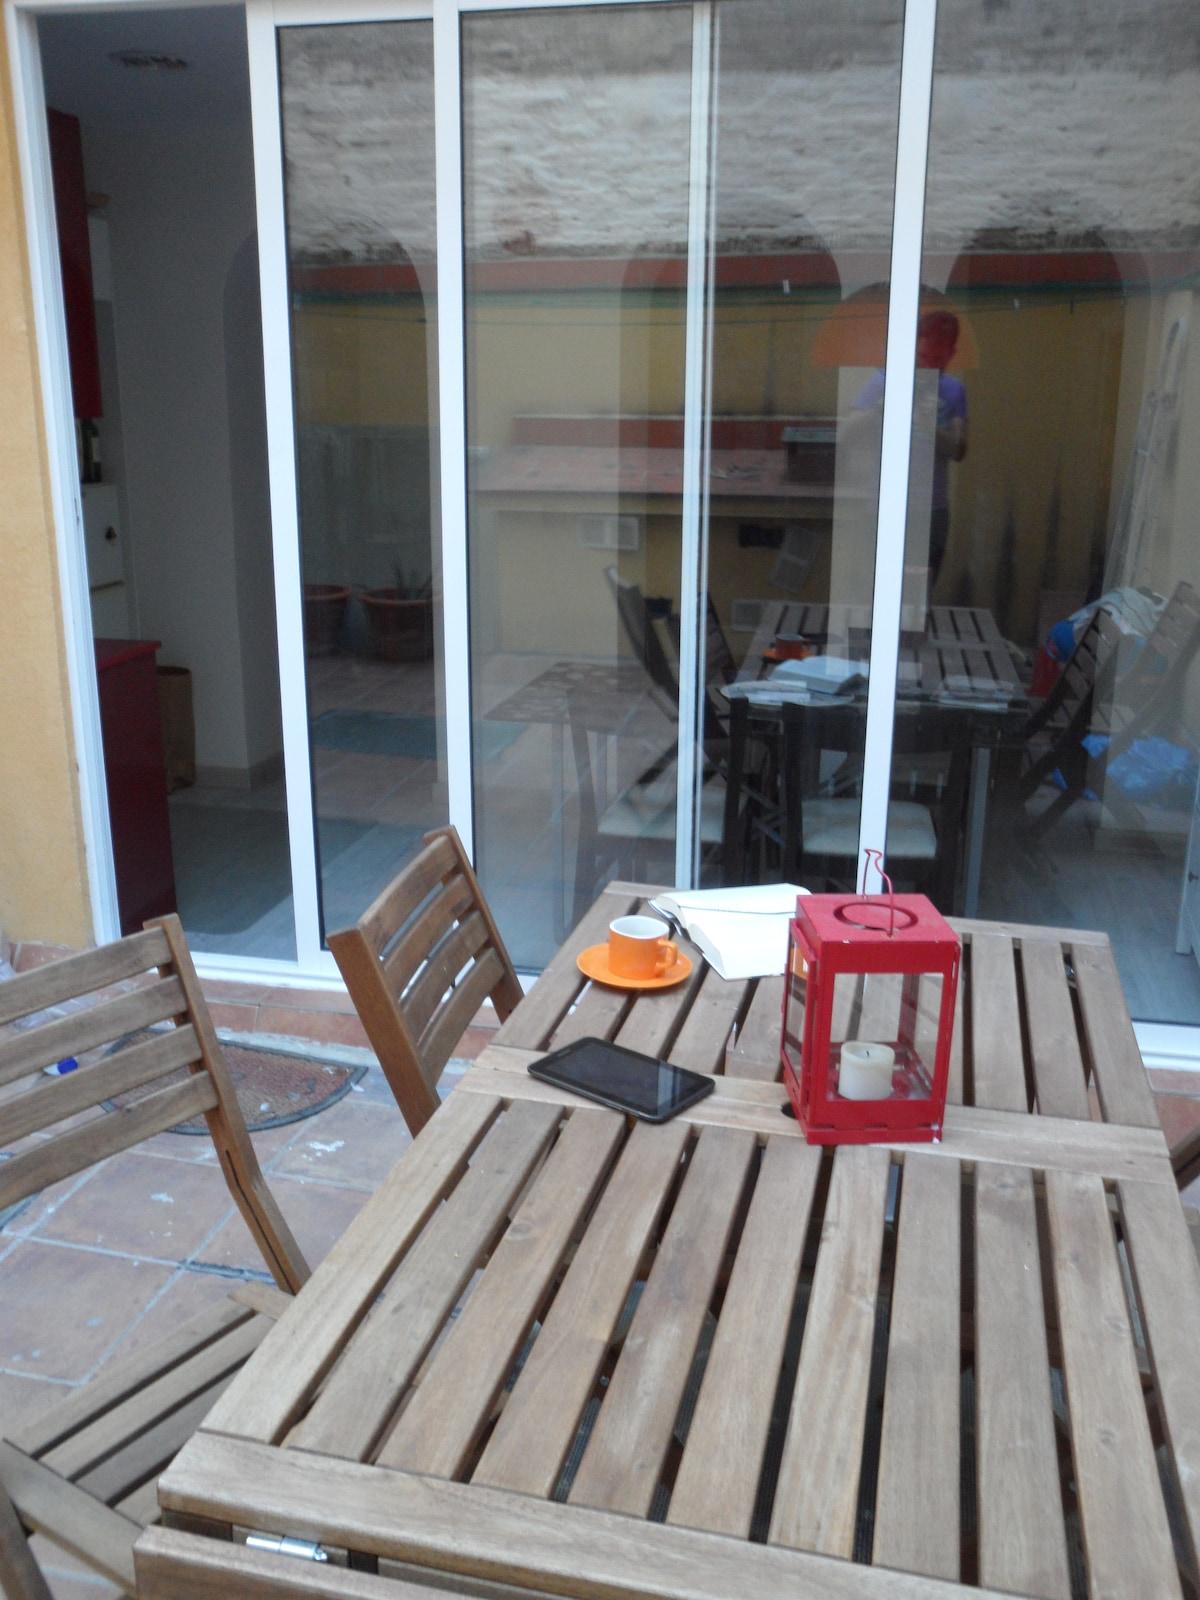 El patio, donde acabo de desayunar :)